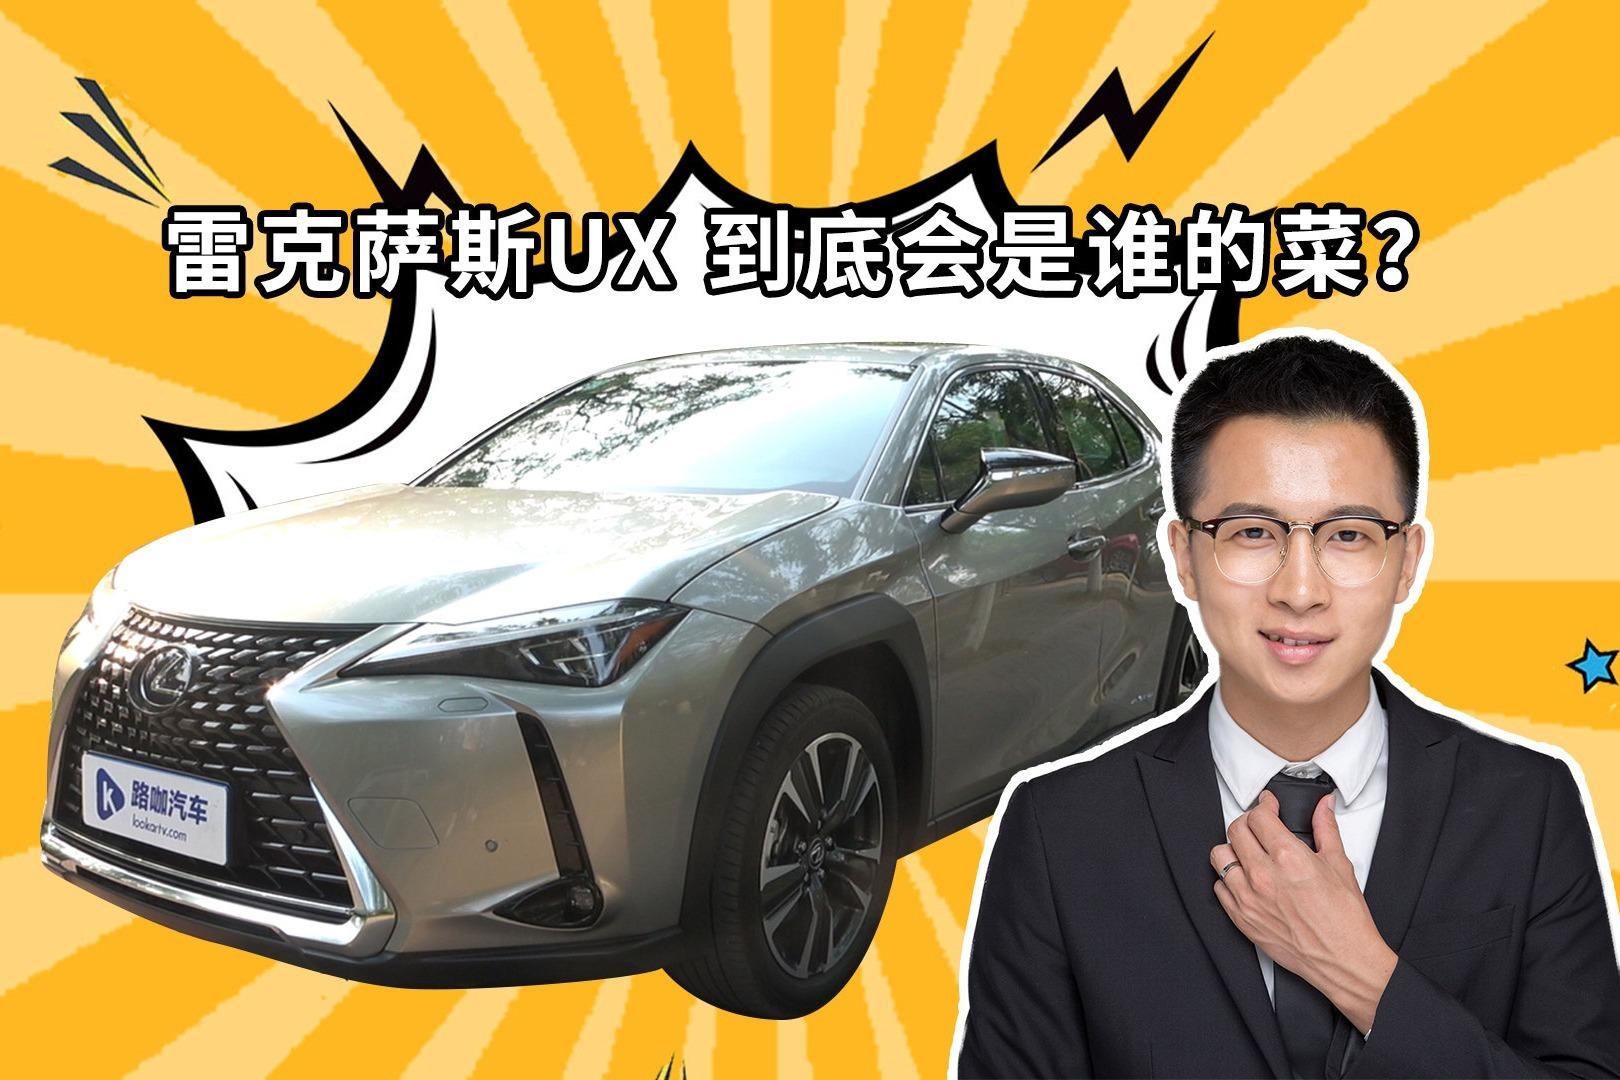 女孩买豪华品牌SUV 预算35万选雷克萨斯UX值吗?